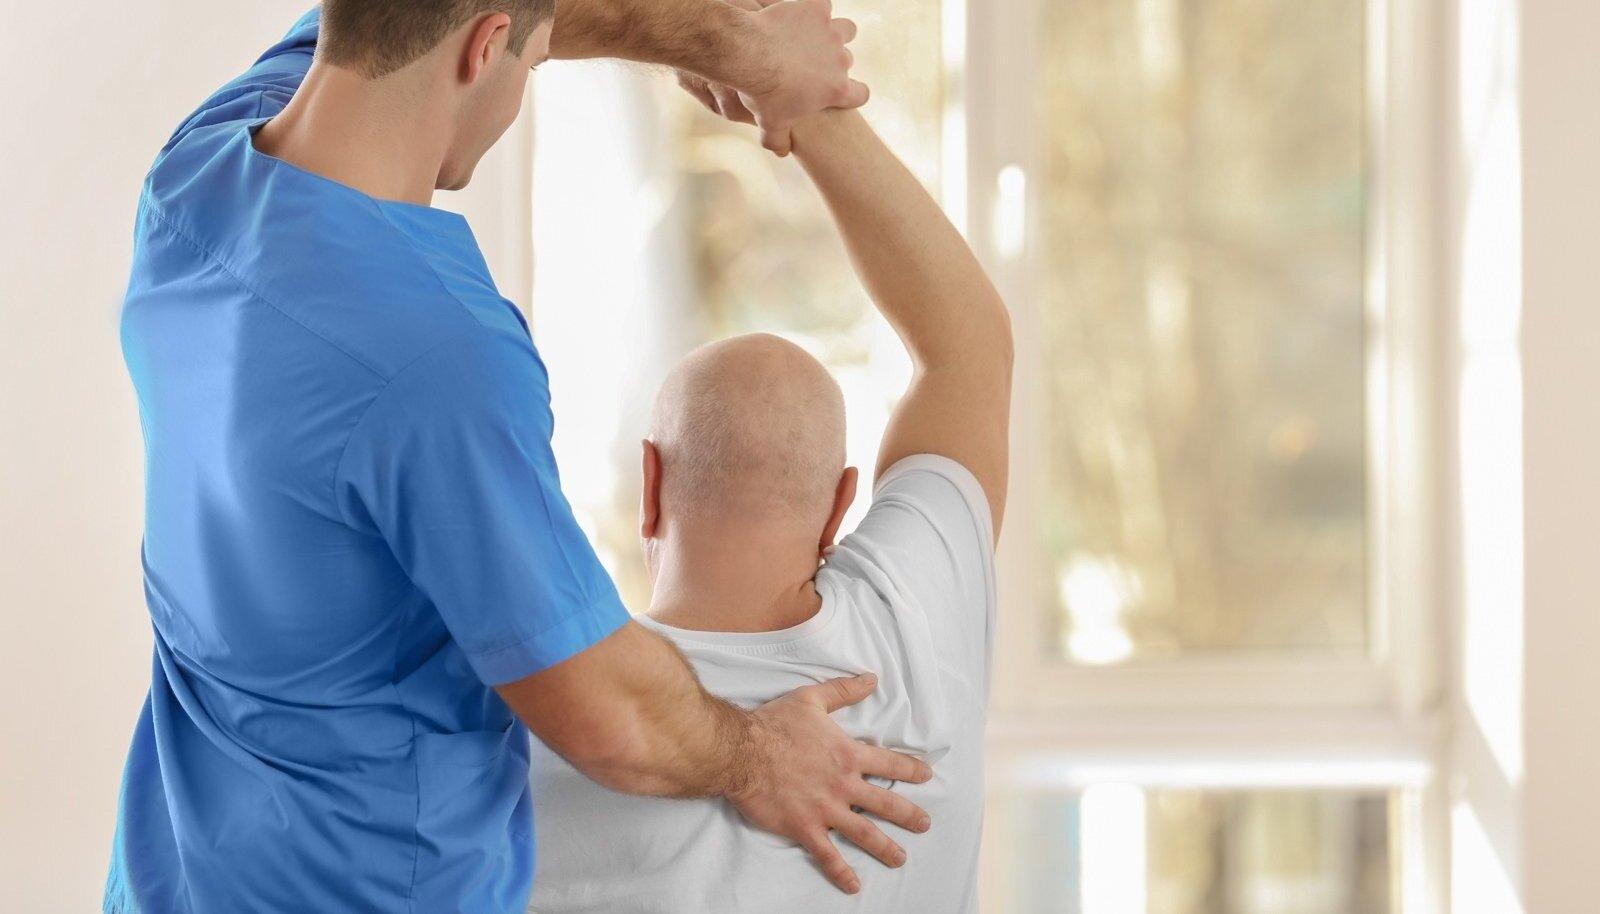 Valu liigestes ja tagasi Pluss-phalangeaalne haigus